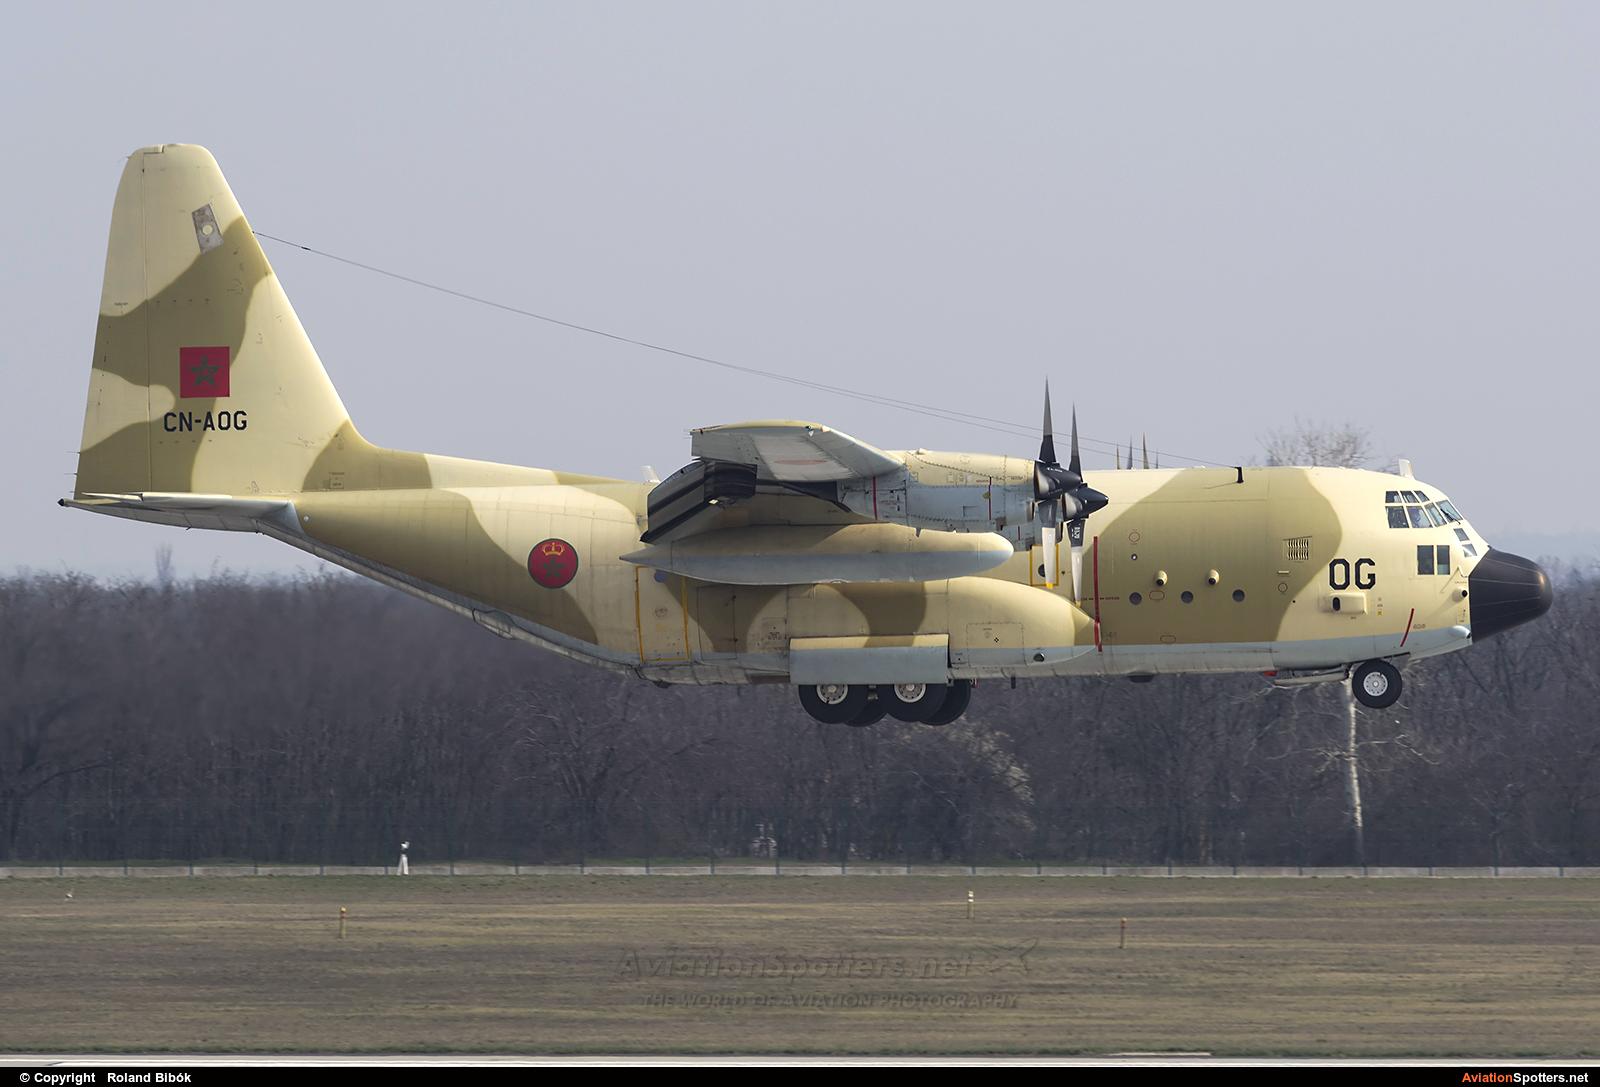 FRA: Photos d'avions de transport - Page 27 160328055318638503